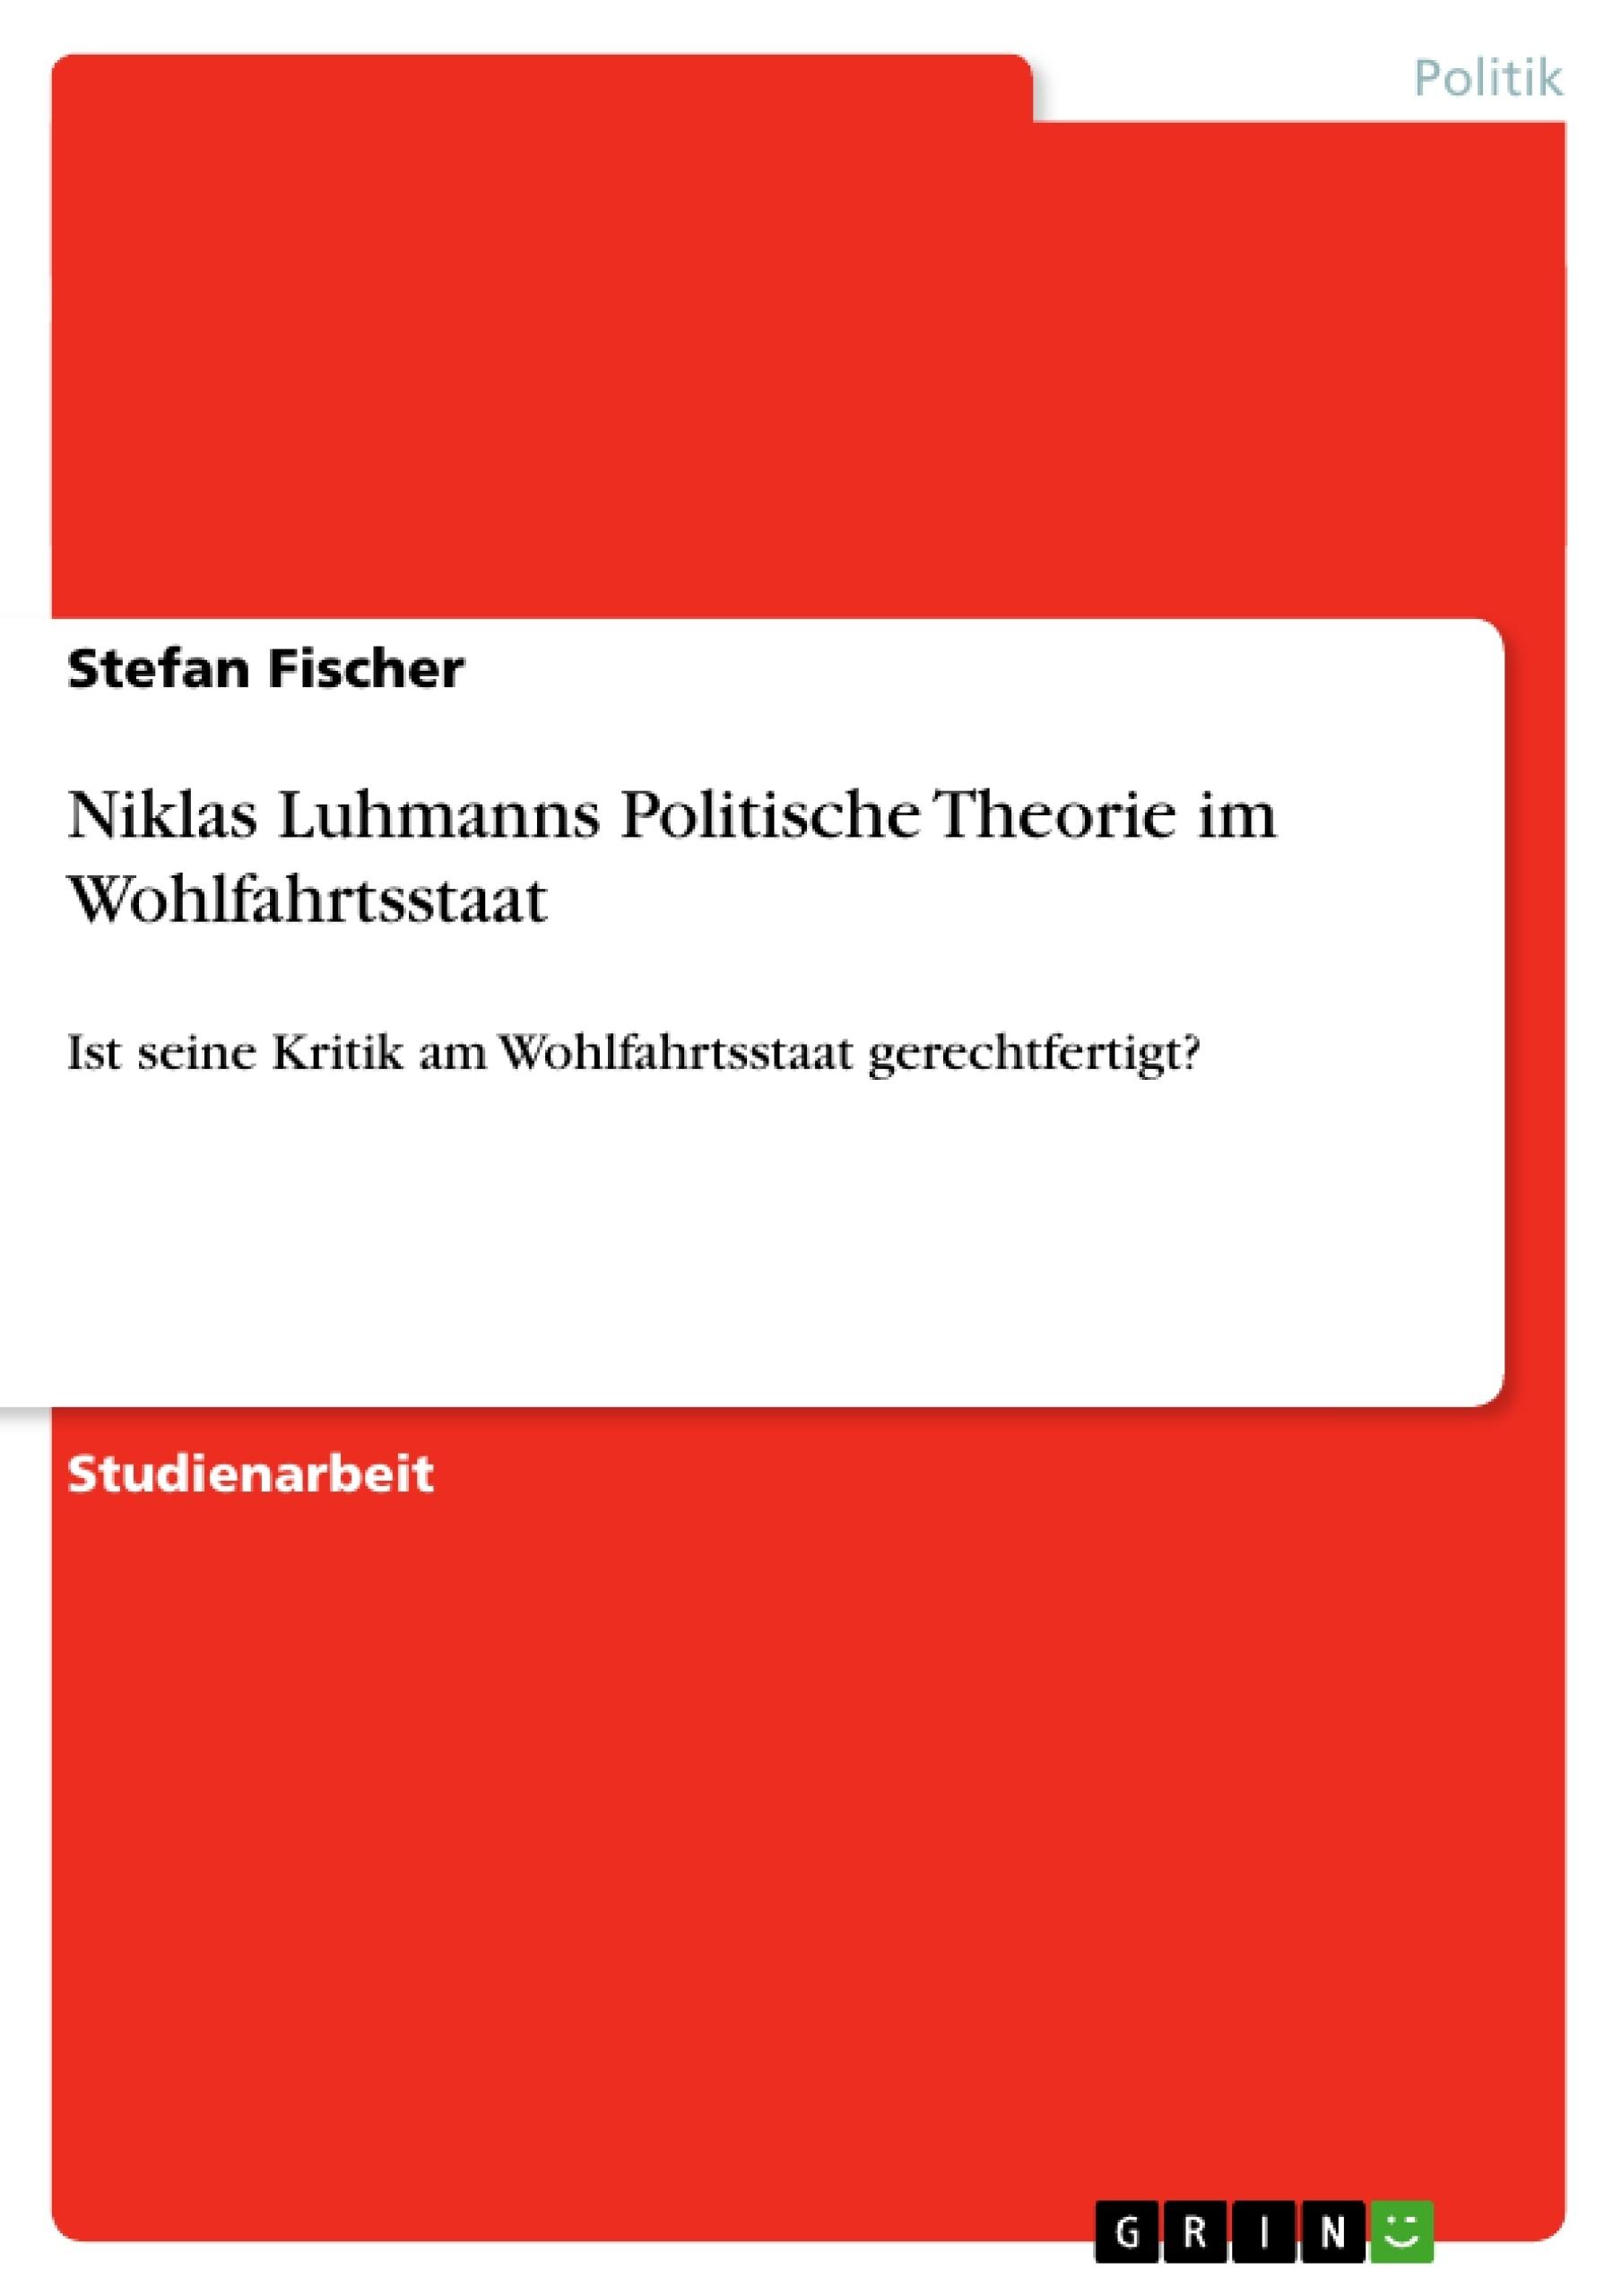 Titel: Niklas Luhmanns Politische Theorie im Wohlfahrtsstaat